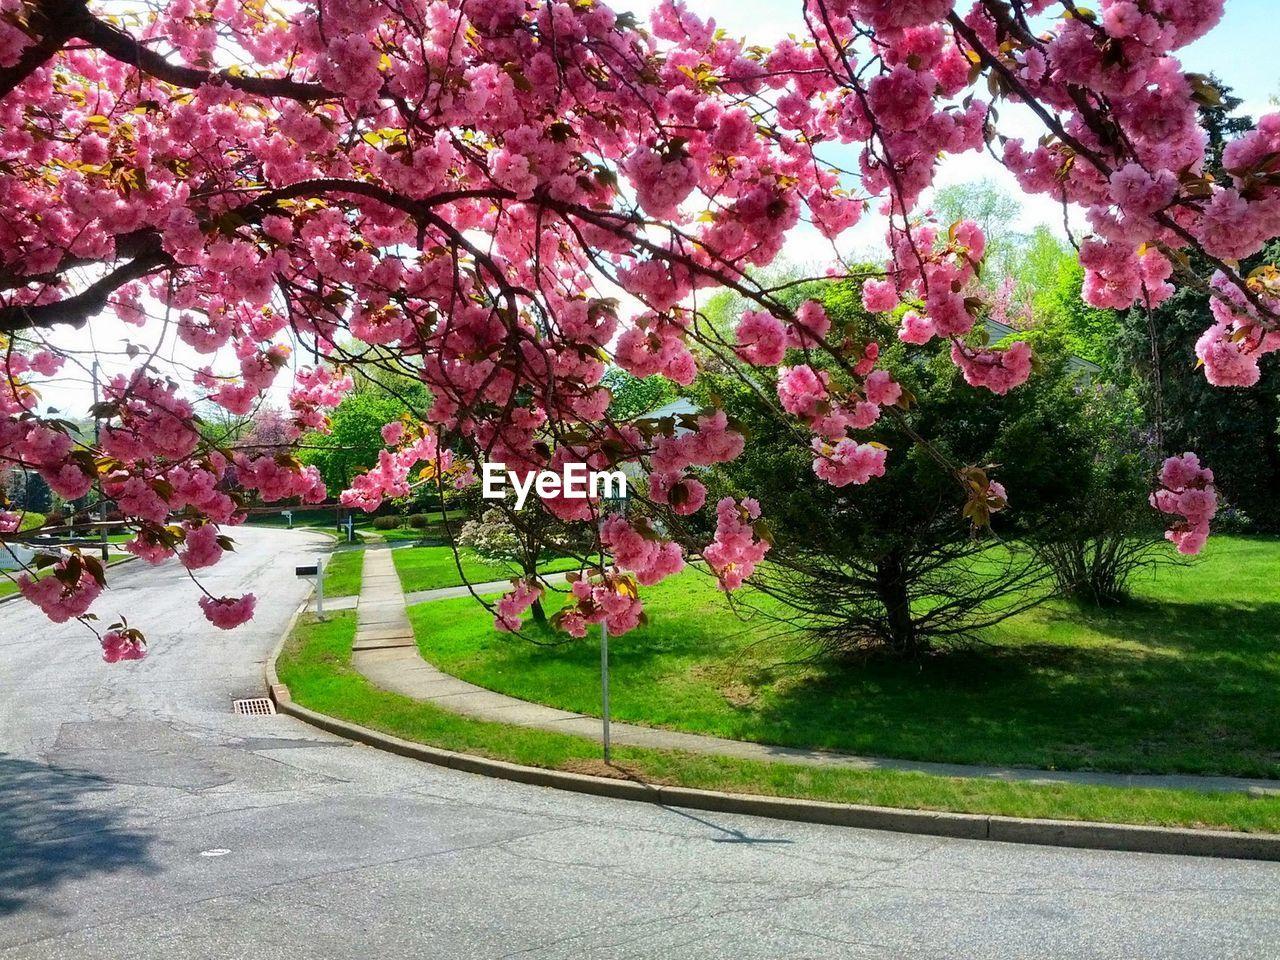 Pink Flowers Growing In Park